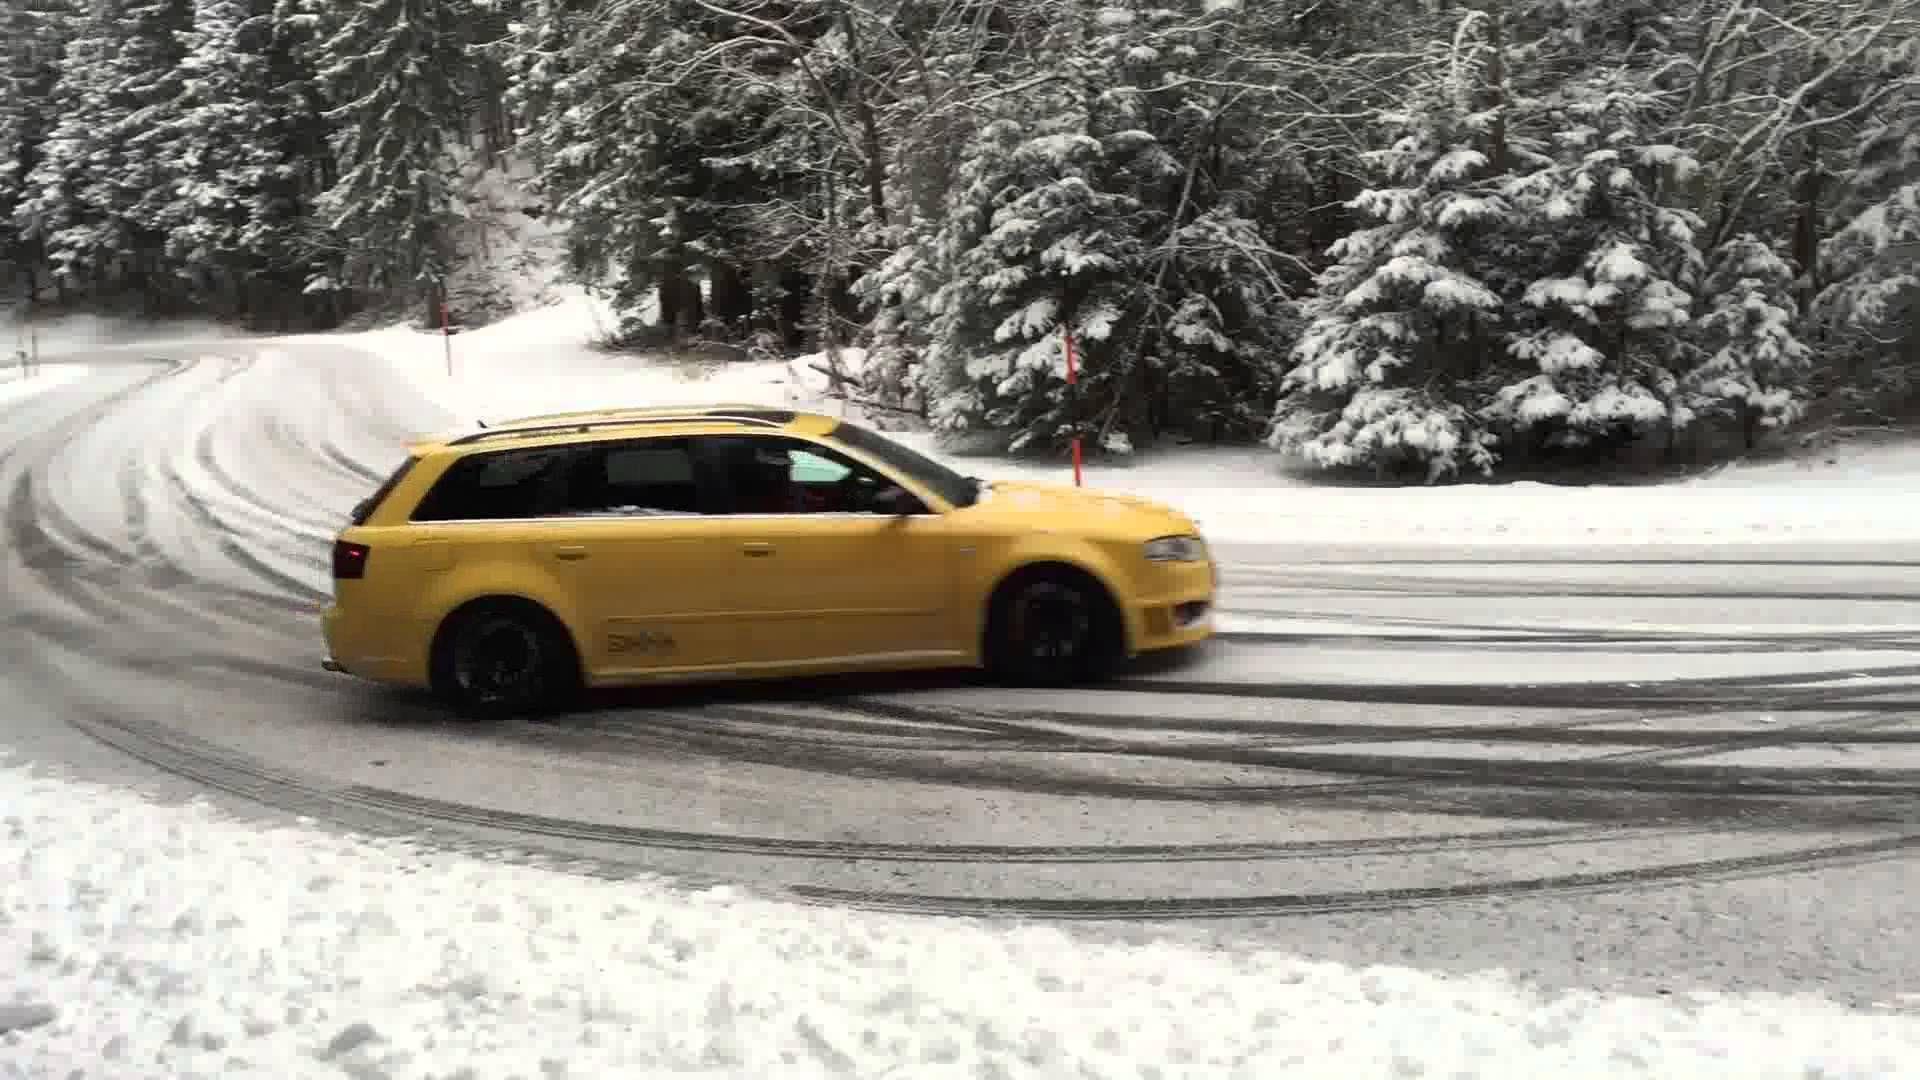 Audi Rs4 Snow Drift Audi Audi Rs4 Audi Rs4 B7